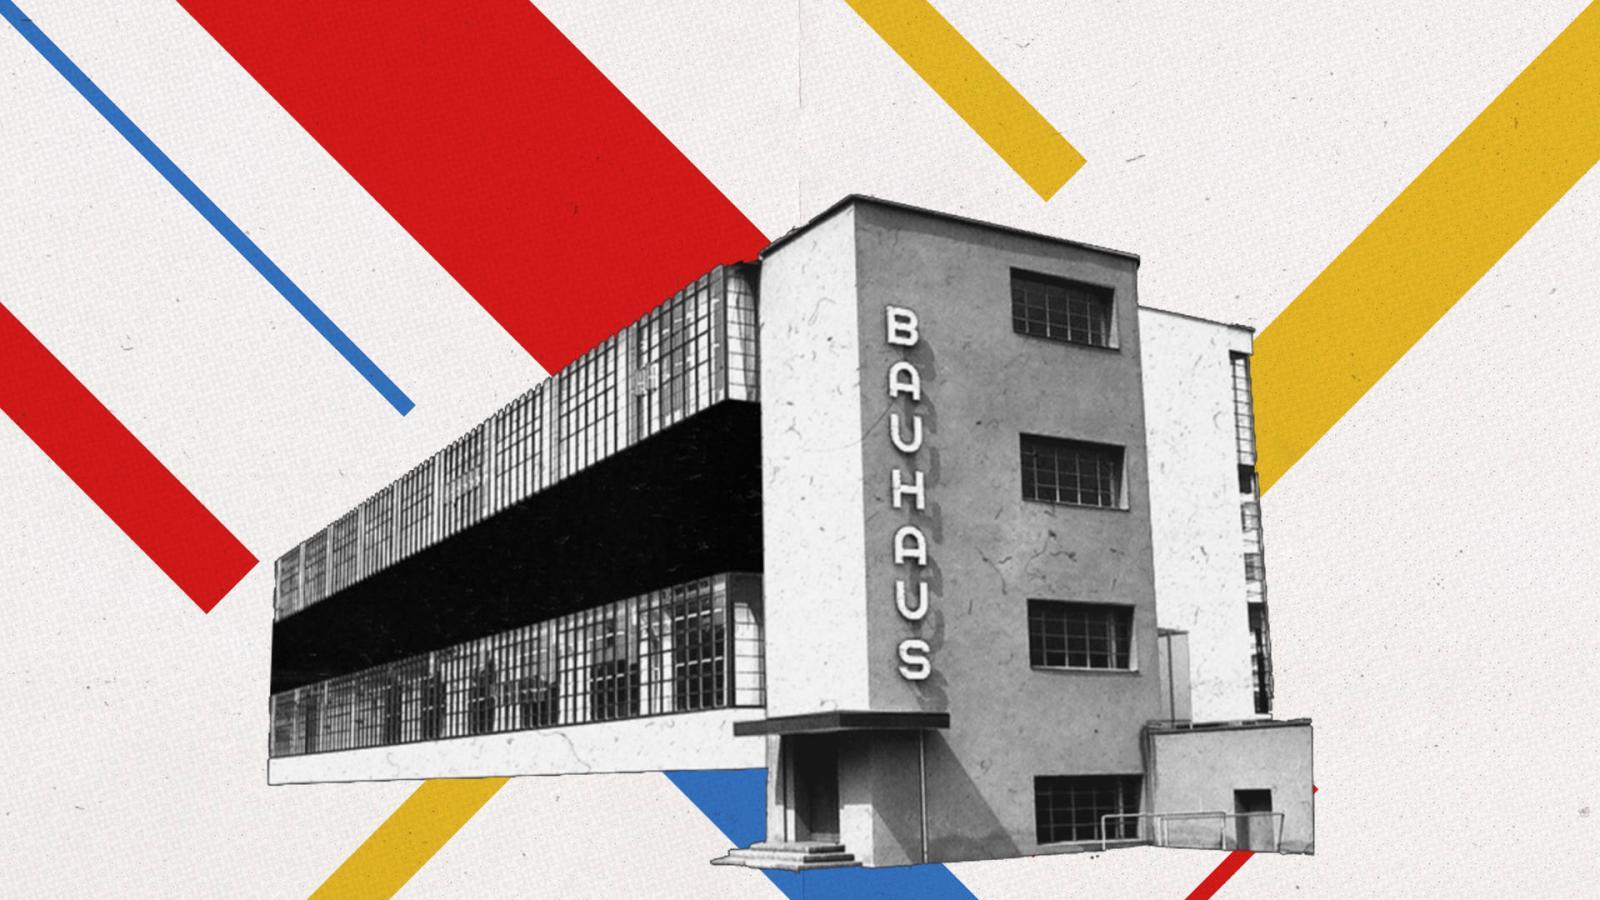 Bauhaus design has a legacy beyond its style — Quartz